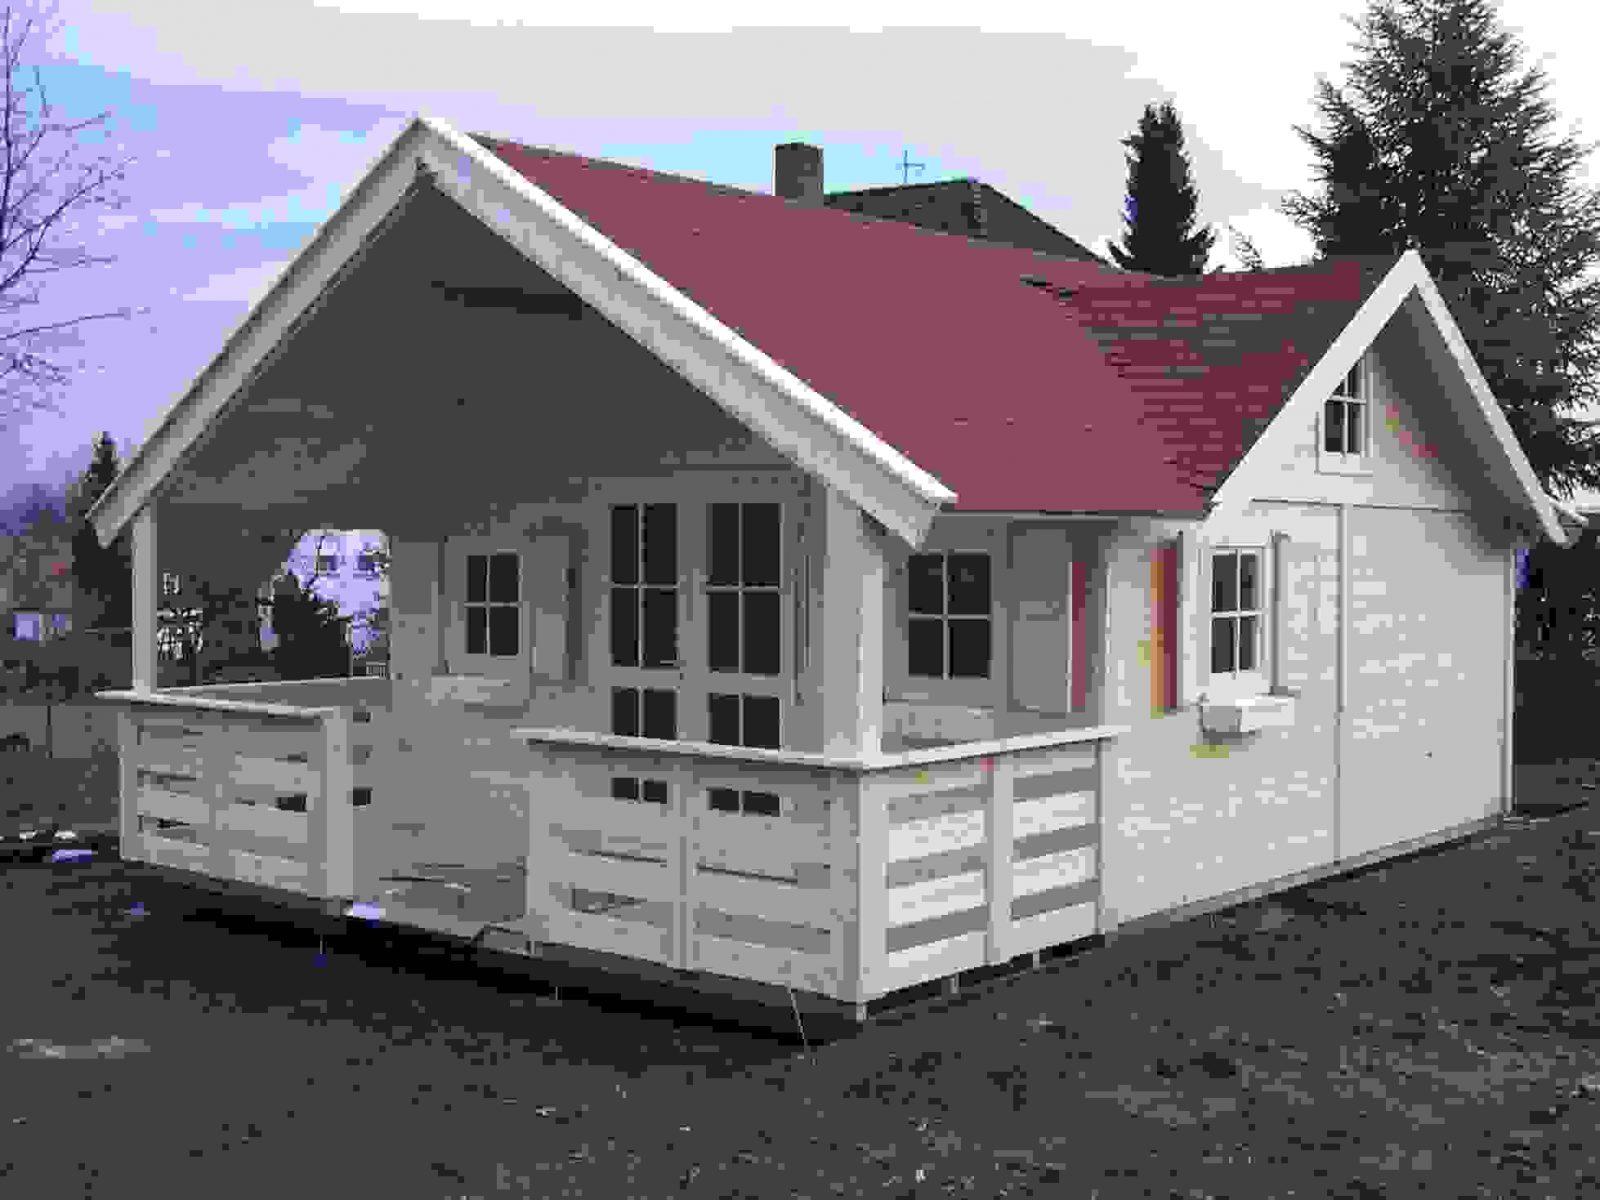 Holzhaus Selber Bauen Anleitung Holzhaus Bauen Unser Ist Frisch von Holzhaus Zum Selber Bauen Bild